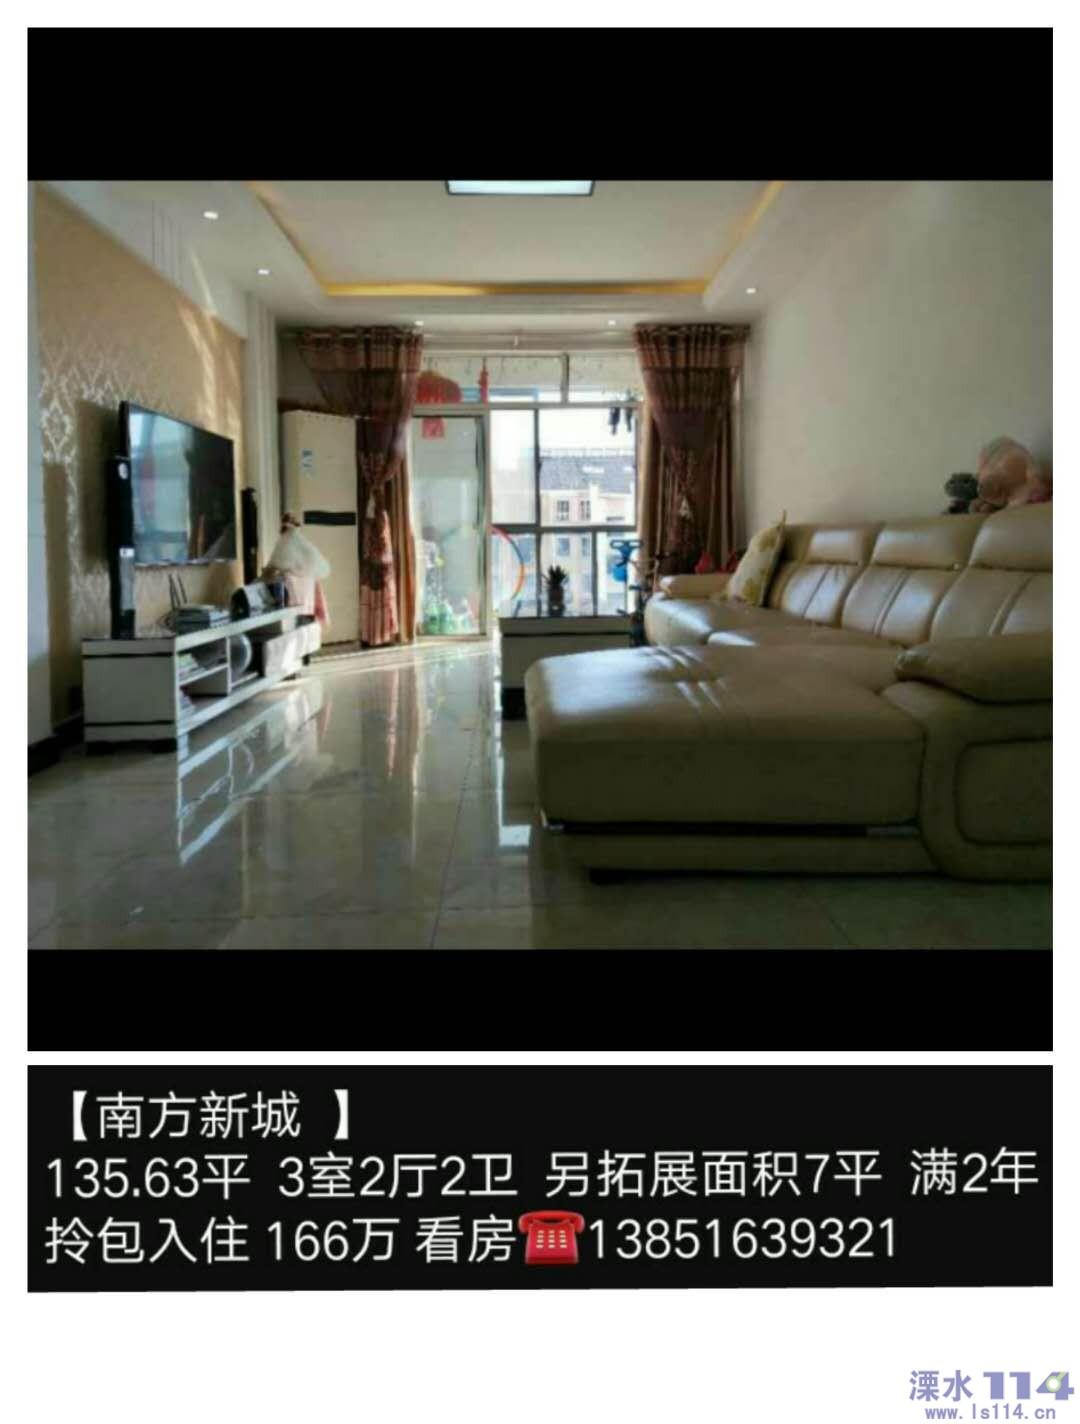 微信图片_20190201124033.jpg